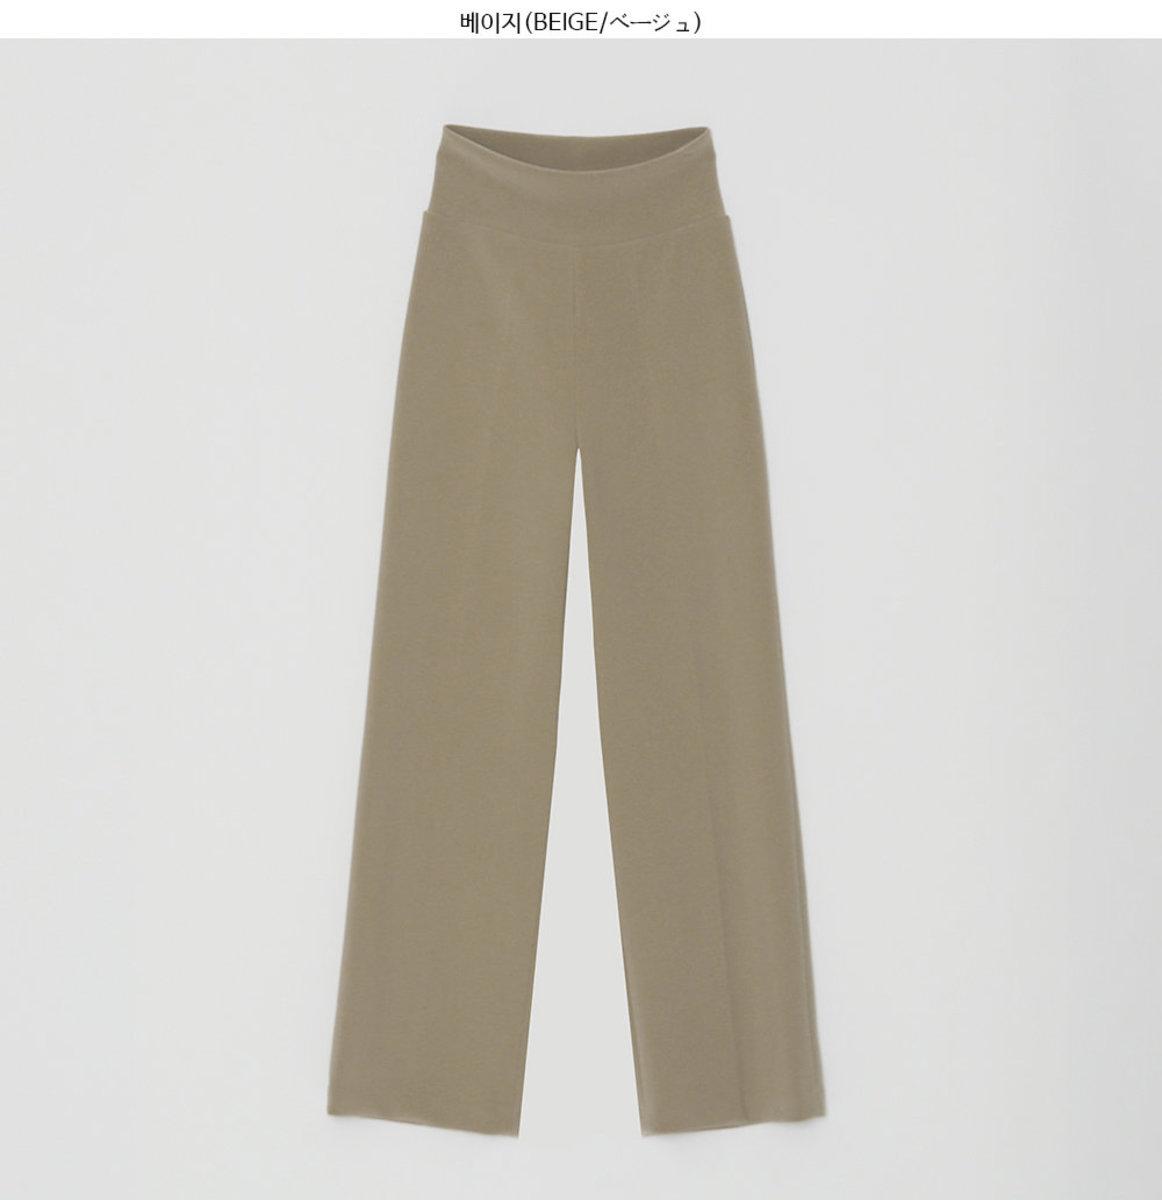 Elastic Waist Wide-Leg Pull-On Pants